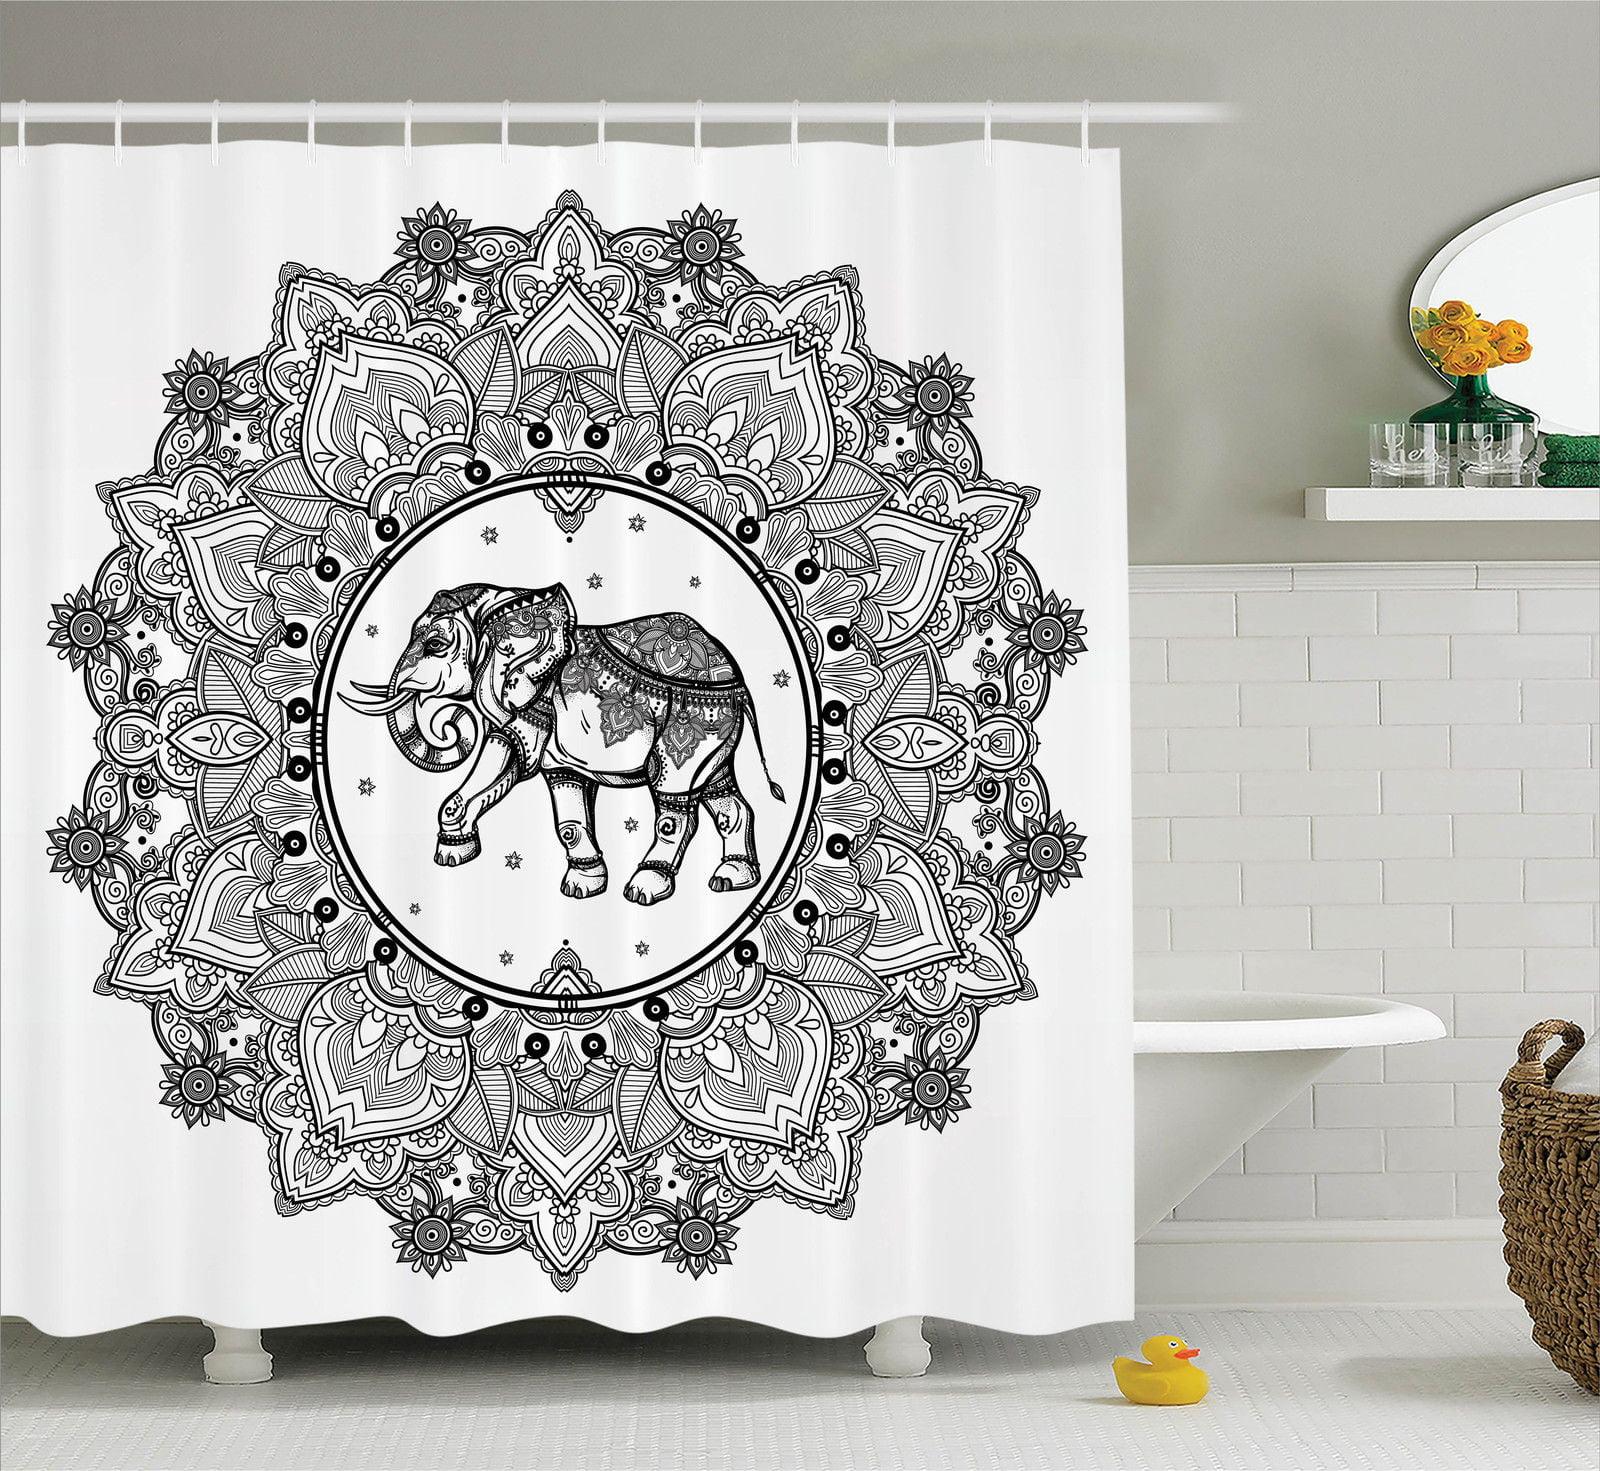 Mandala Decor  Digital Paisley Mandala Motif With Elephan...